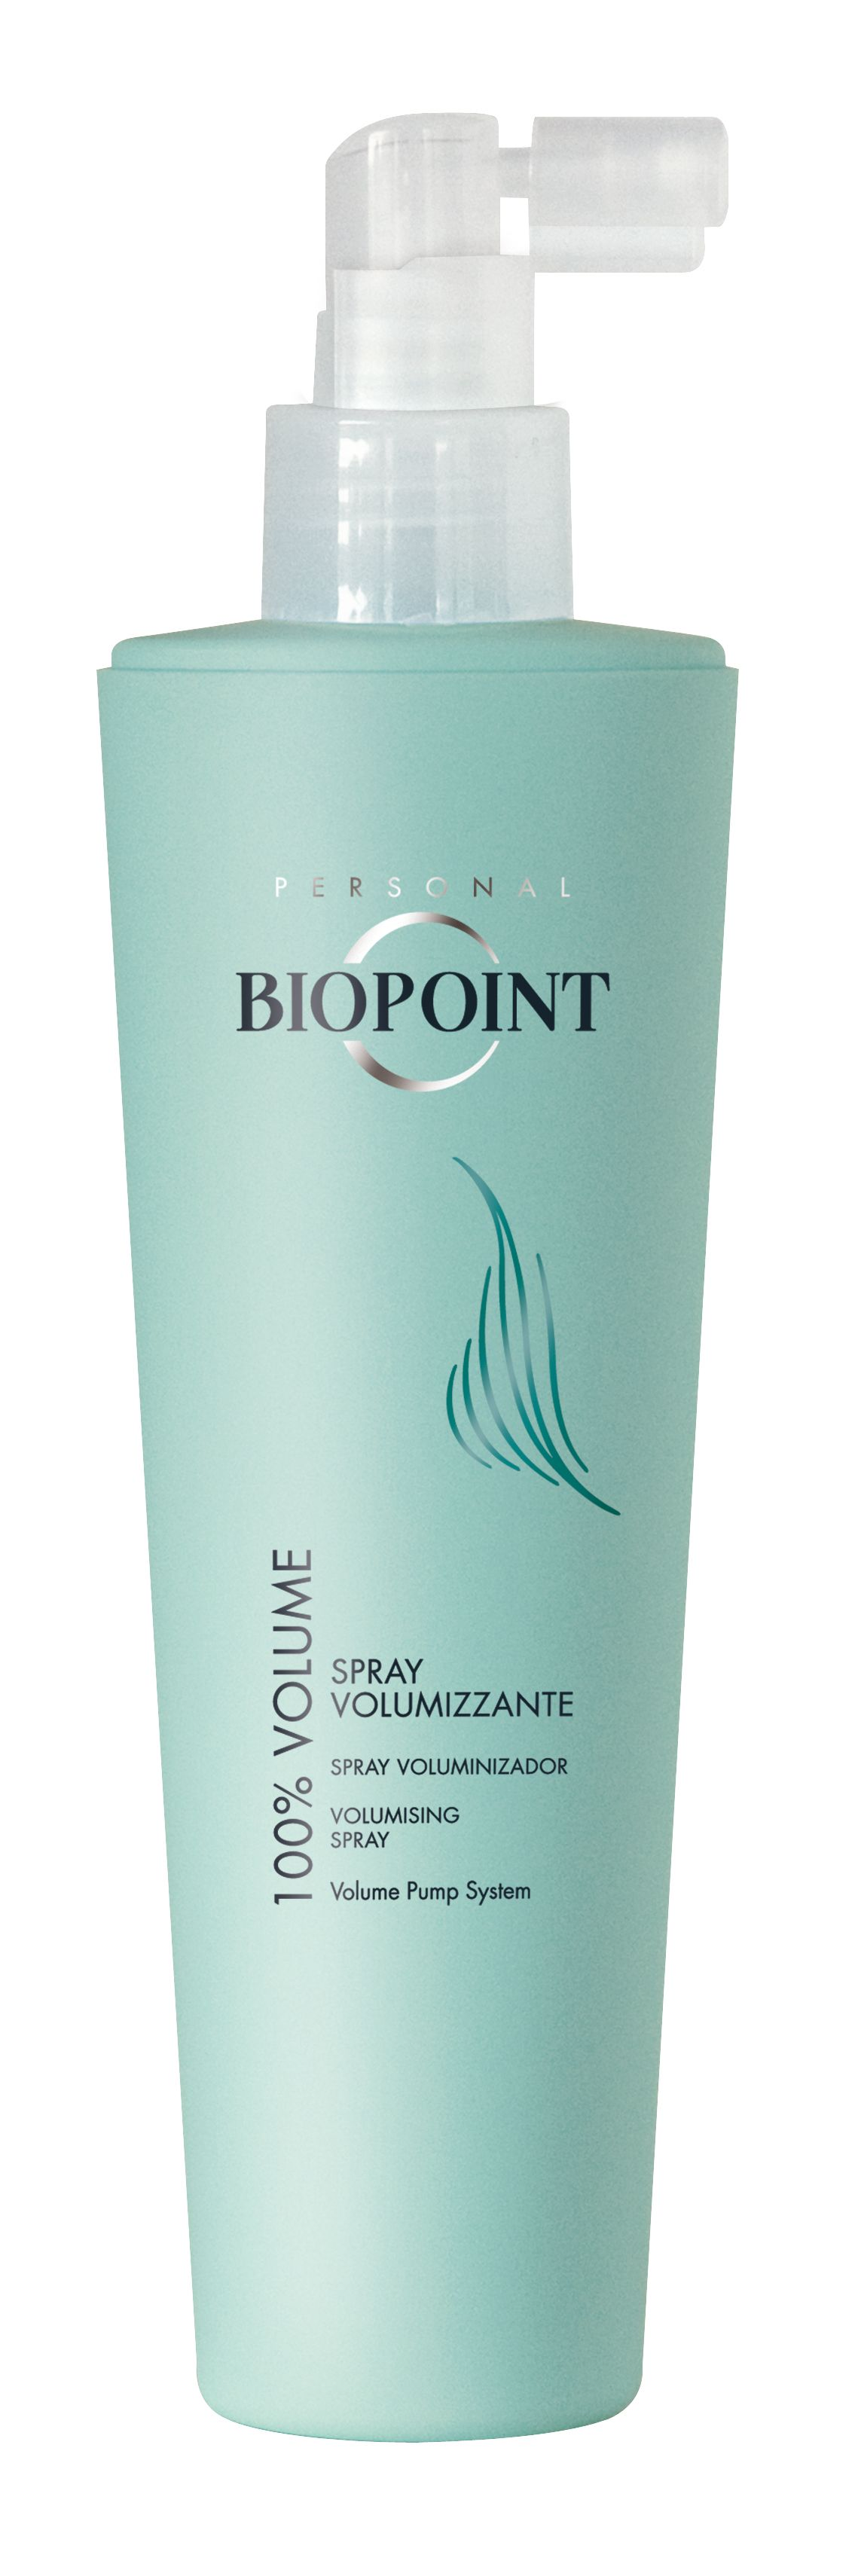 Lo Spray Volumizzante Biopoint dall'azione tonificante e corporizzante.